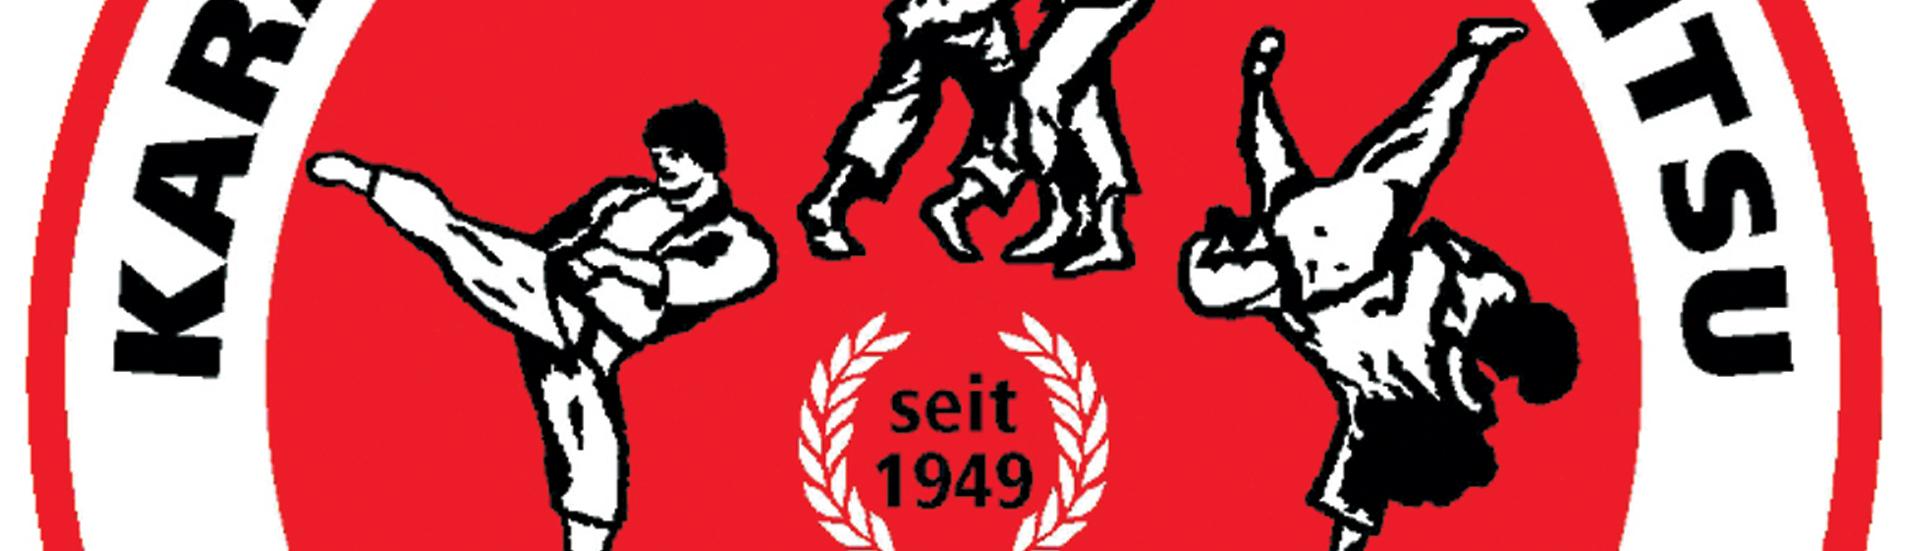 Gesch_1968_Banner_1920px_Breite